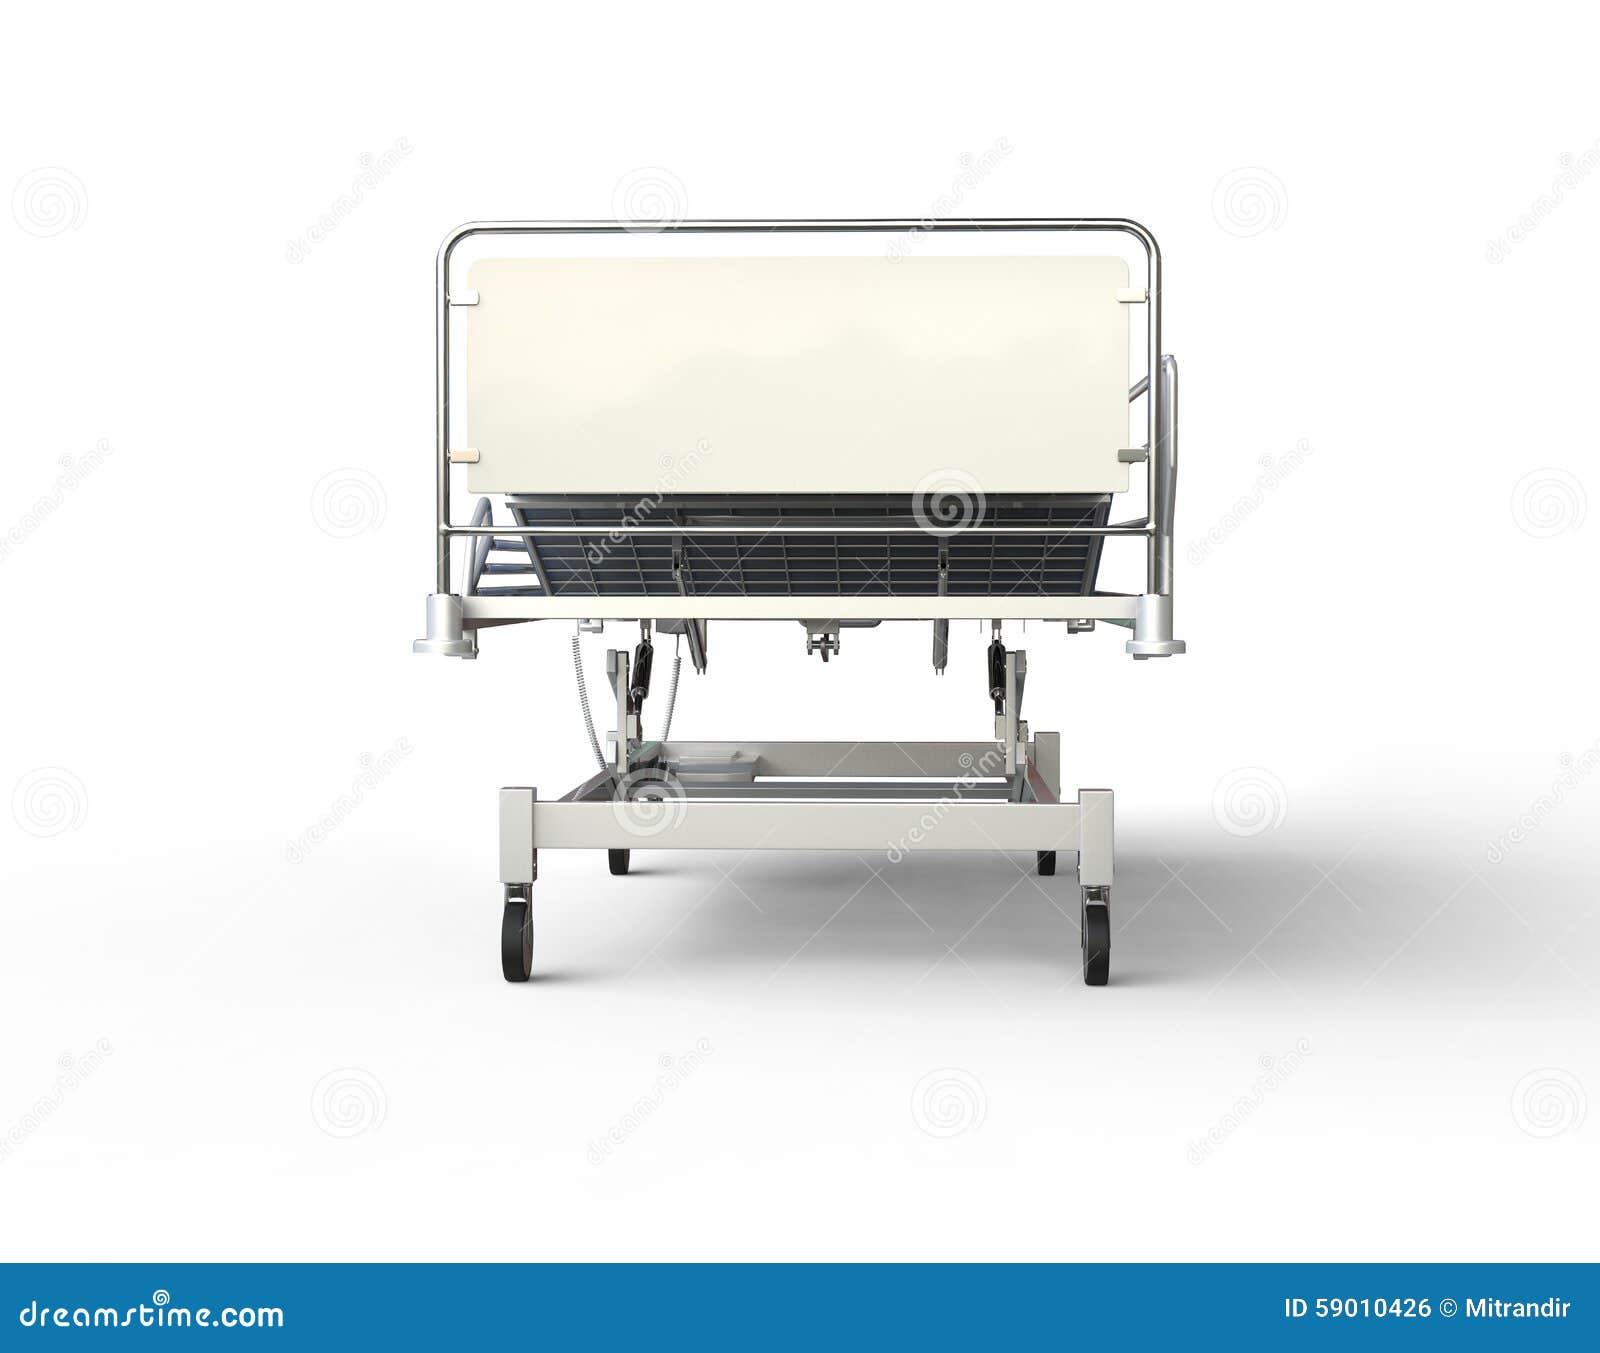 lit d 39 h pital avec la literie bleue vue de face. Black Bedroom Furniture Sets. Home Design Ideas